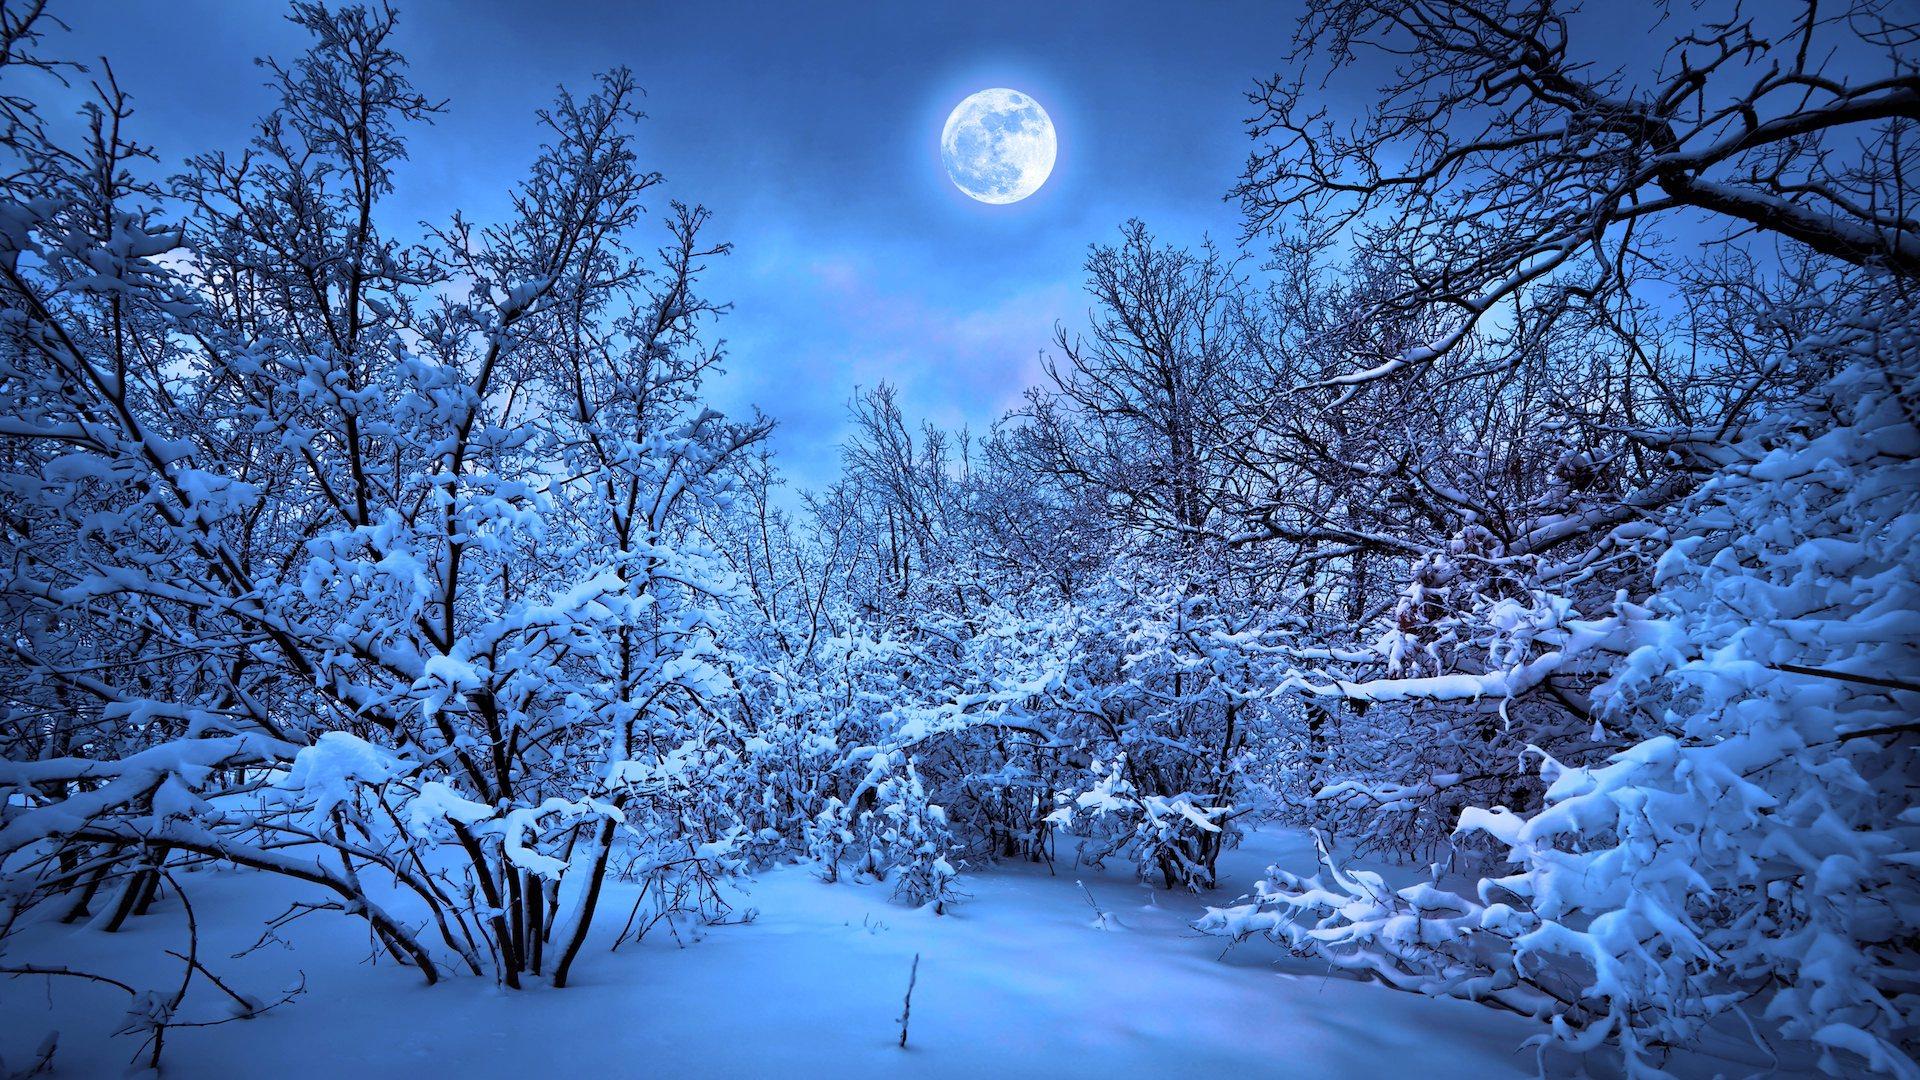 Падающий снег - красивые картинки и обои на рабочий стол 2